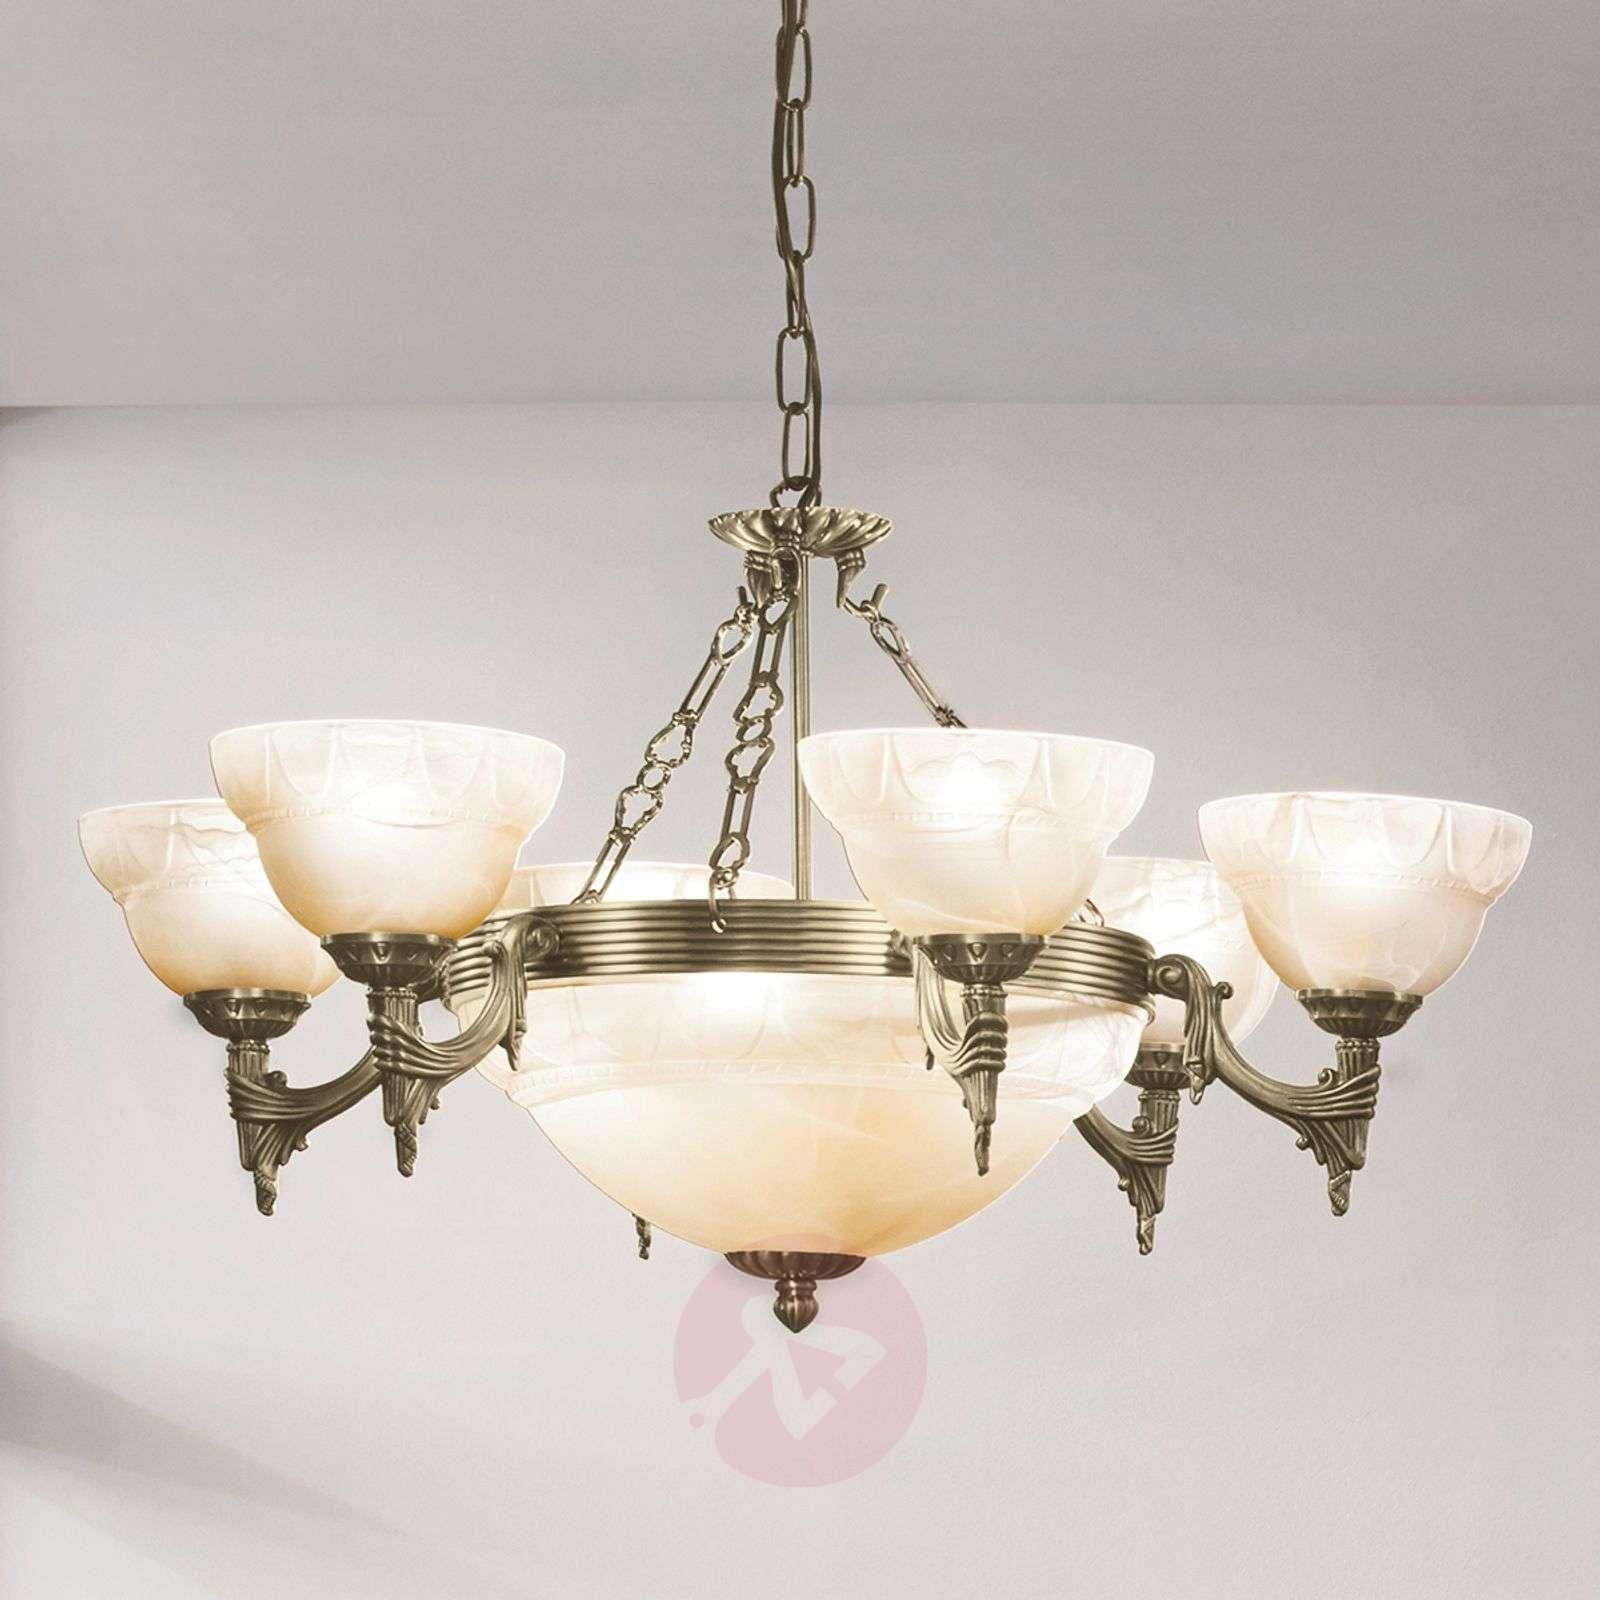 Tyylikäs Marilla-riippuvalaisin, 9 lamppua-3001126-01